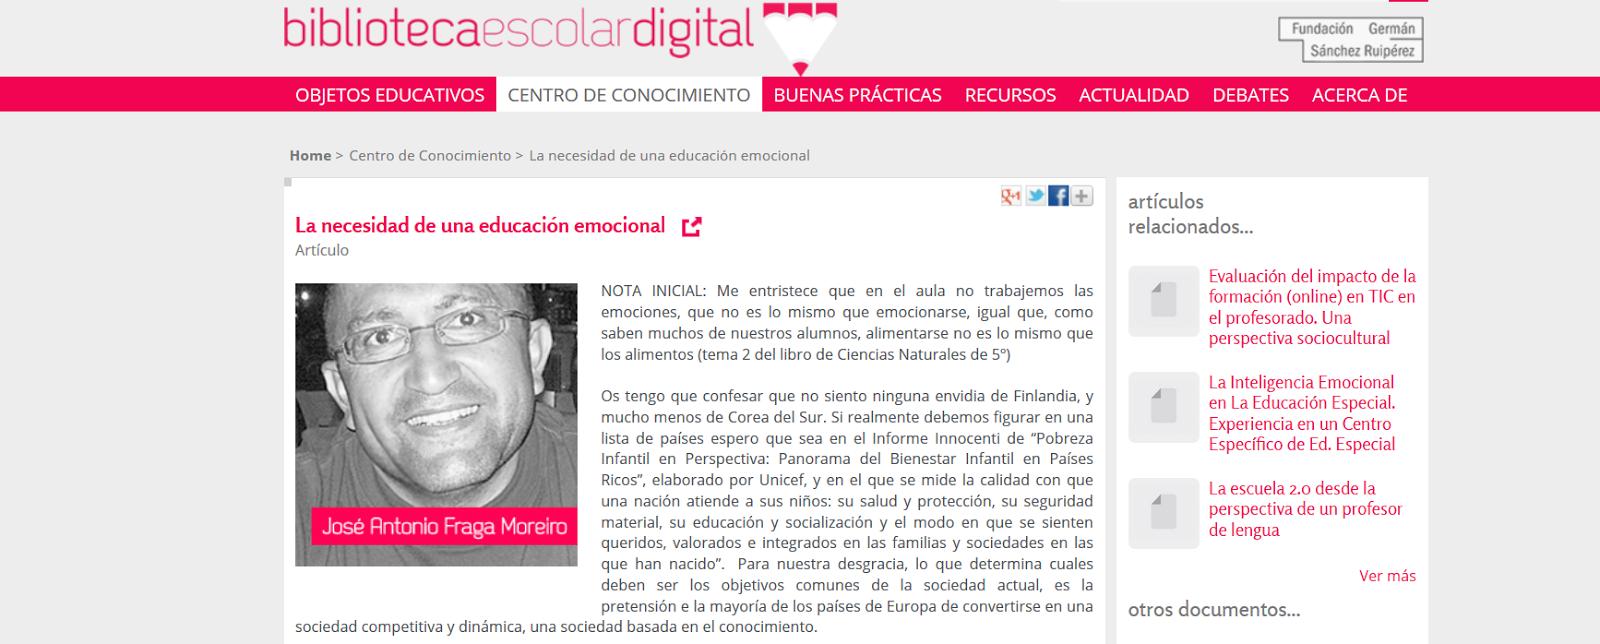 http://bibliotecaescolardigital.es/comunidad/BibliotecaEscolarDigital/recurso/boletin-n-29-educar-y-emocionar-es-posible/fc77fe68-361f-4bb5-821d-e7a9e7ed2863